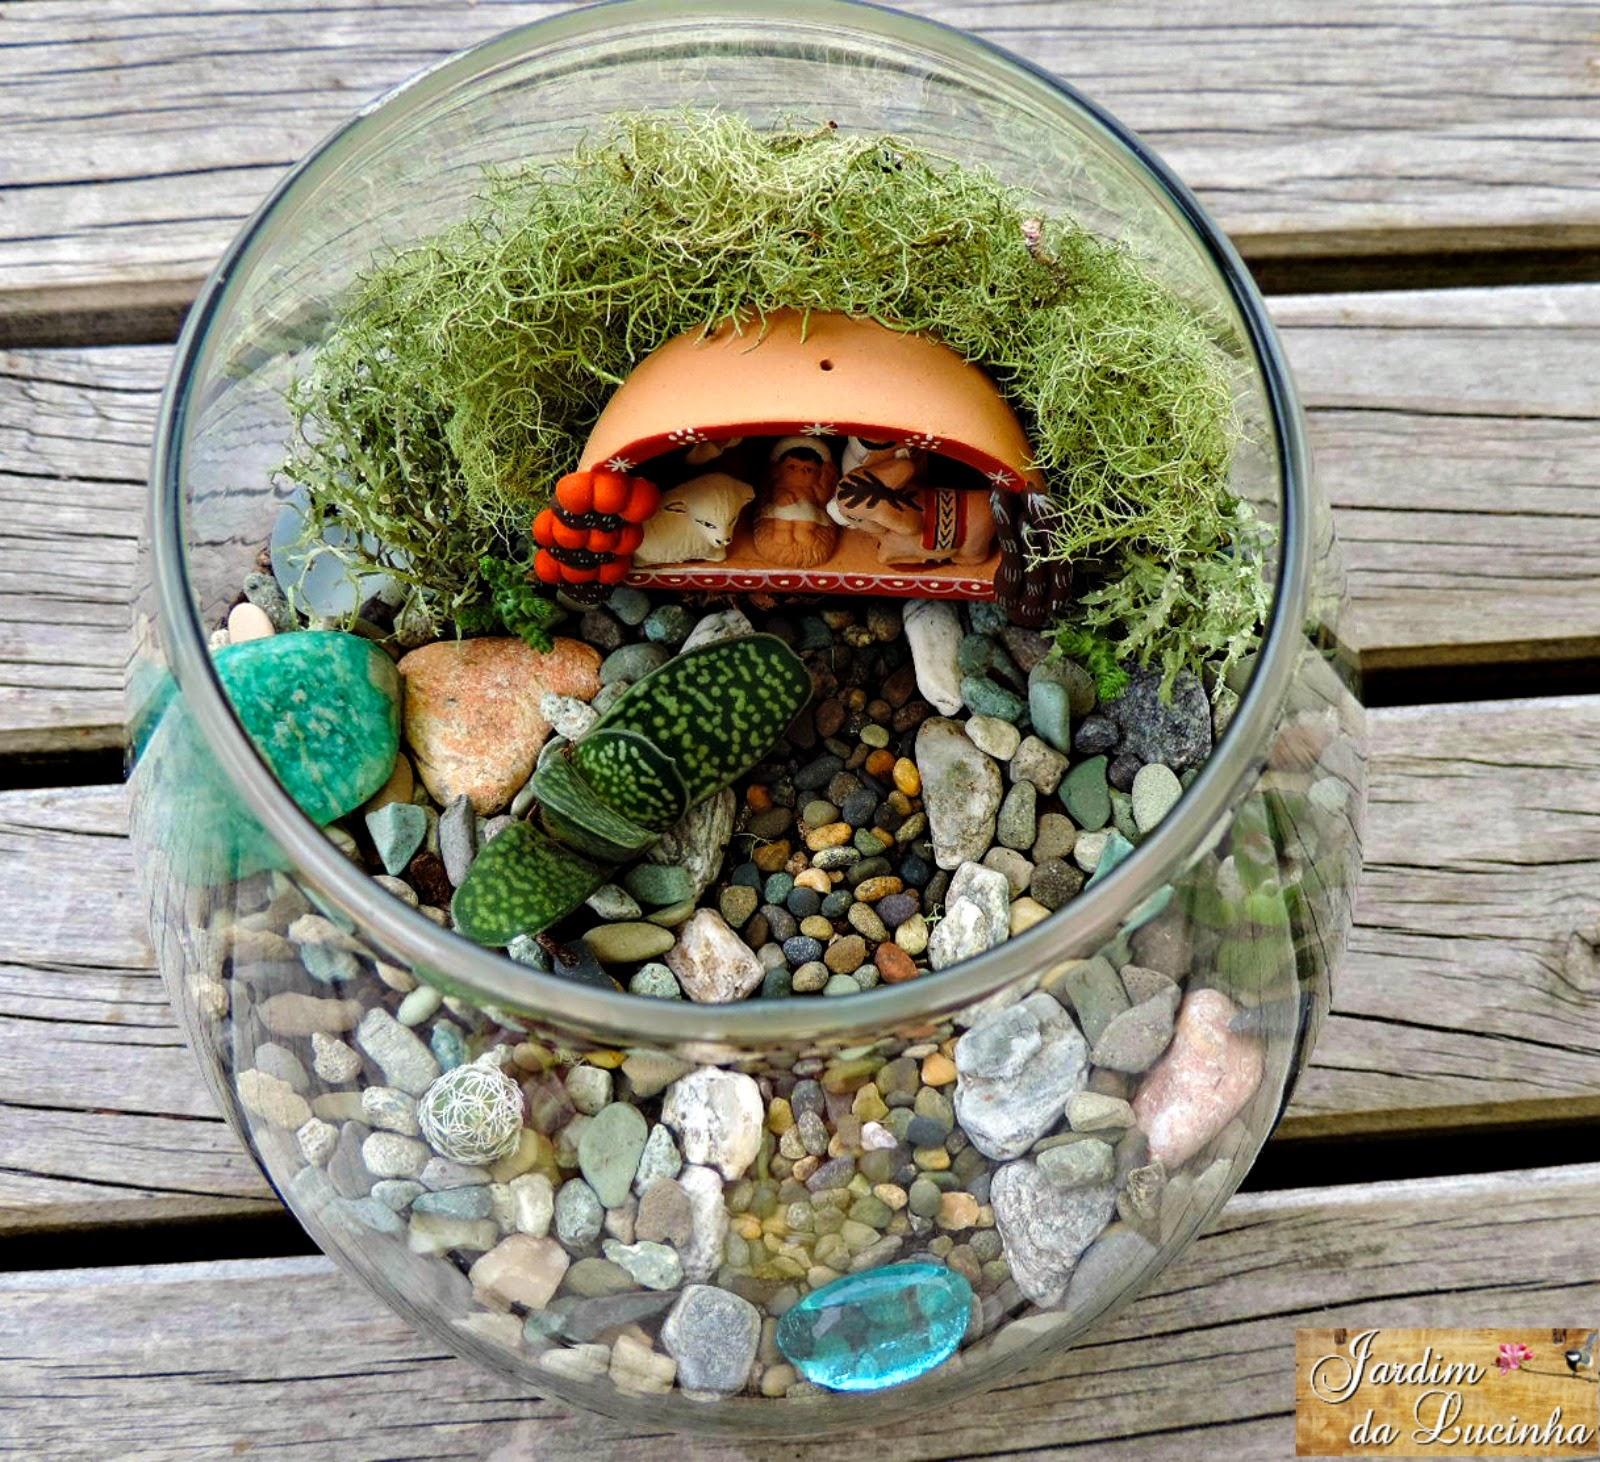 mini jardins no vidro:Um pequeno presépio de cerâmica, pedrinhas, suculentas, pequenos